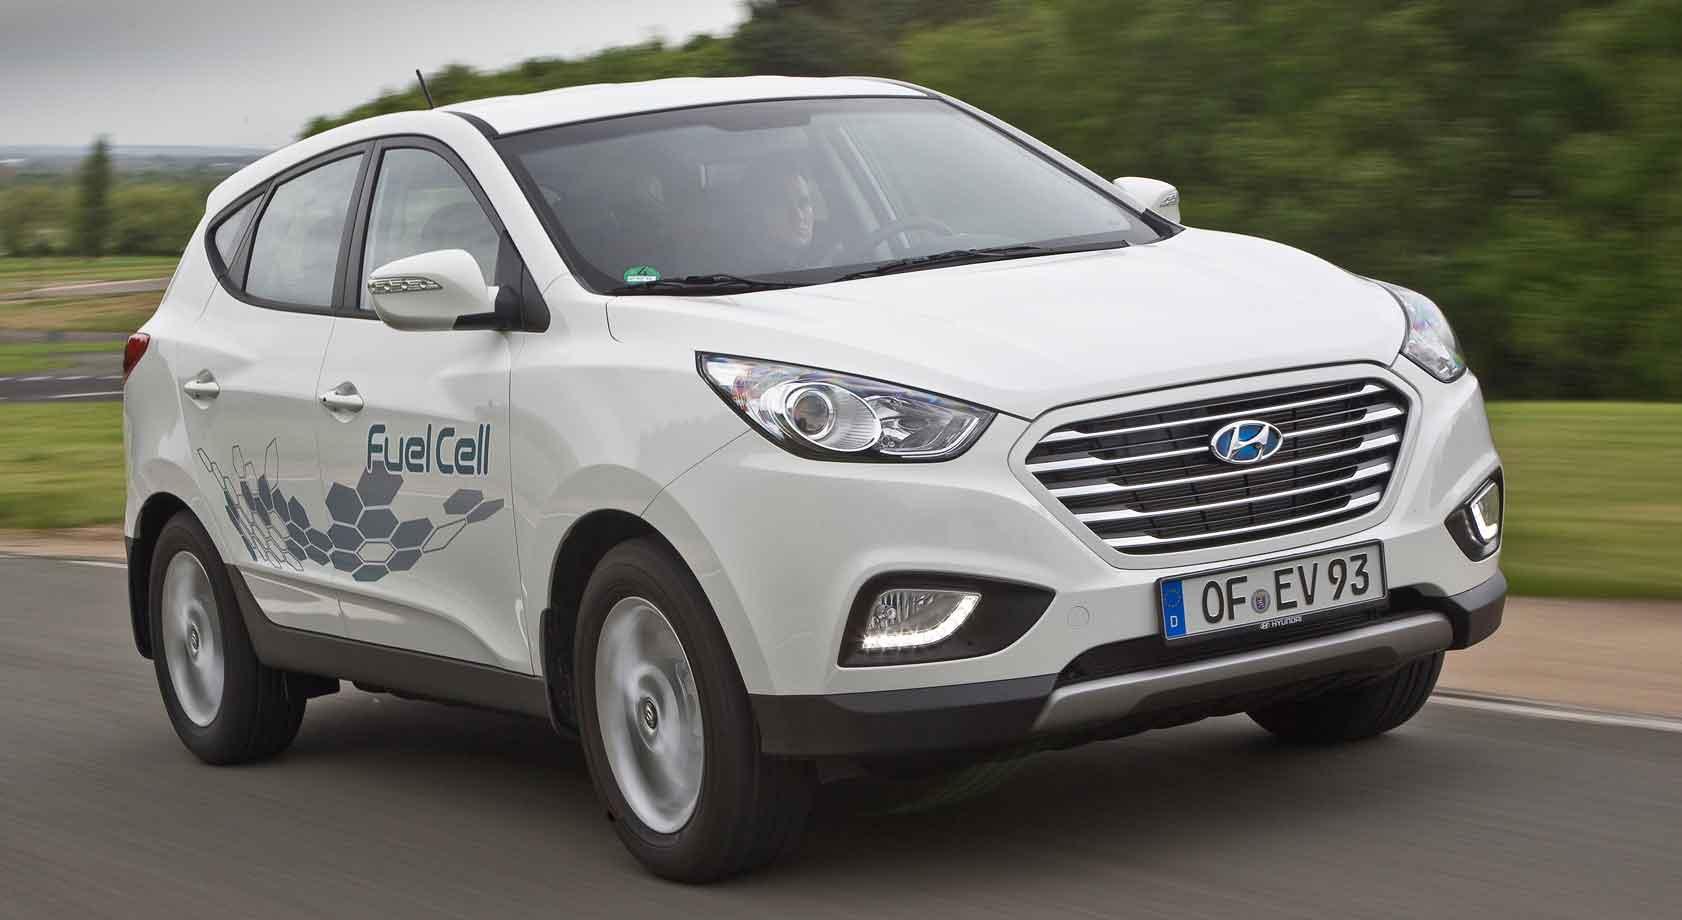 Hvit Hyundai ix35 Fuel Cell på veien.